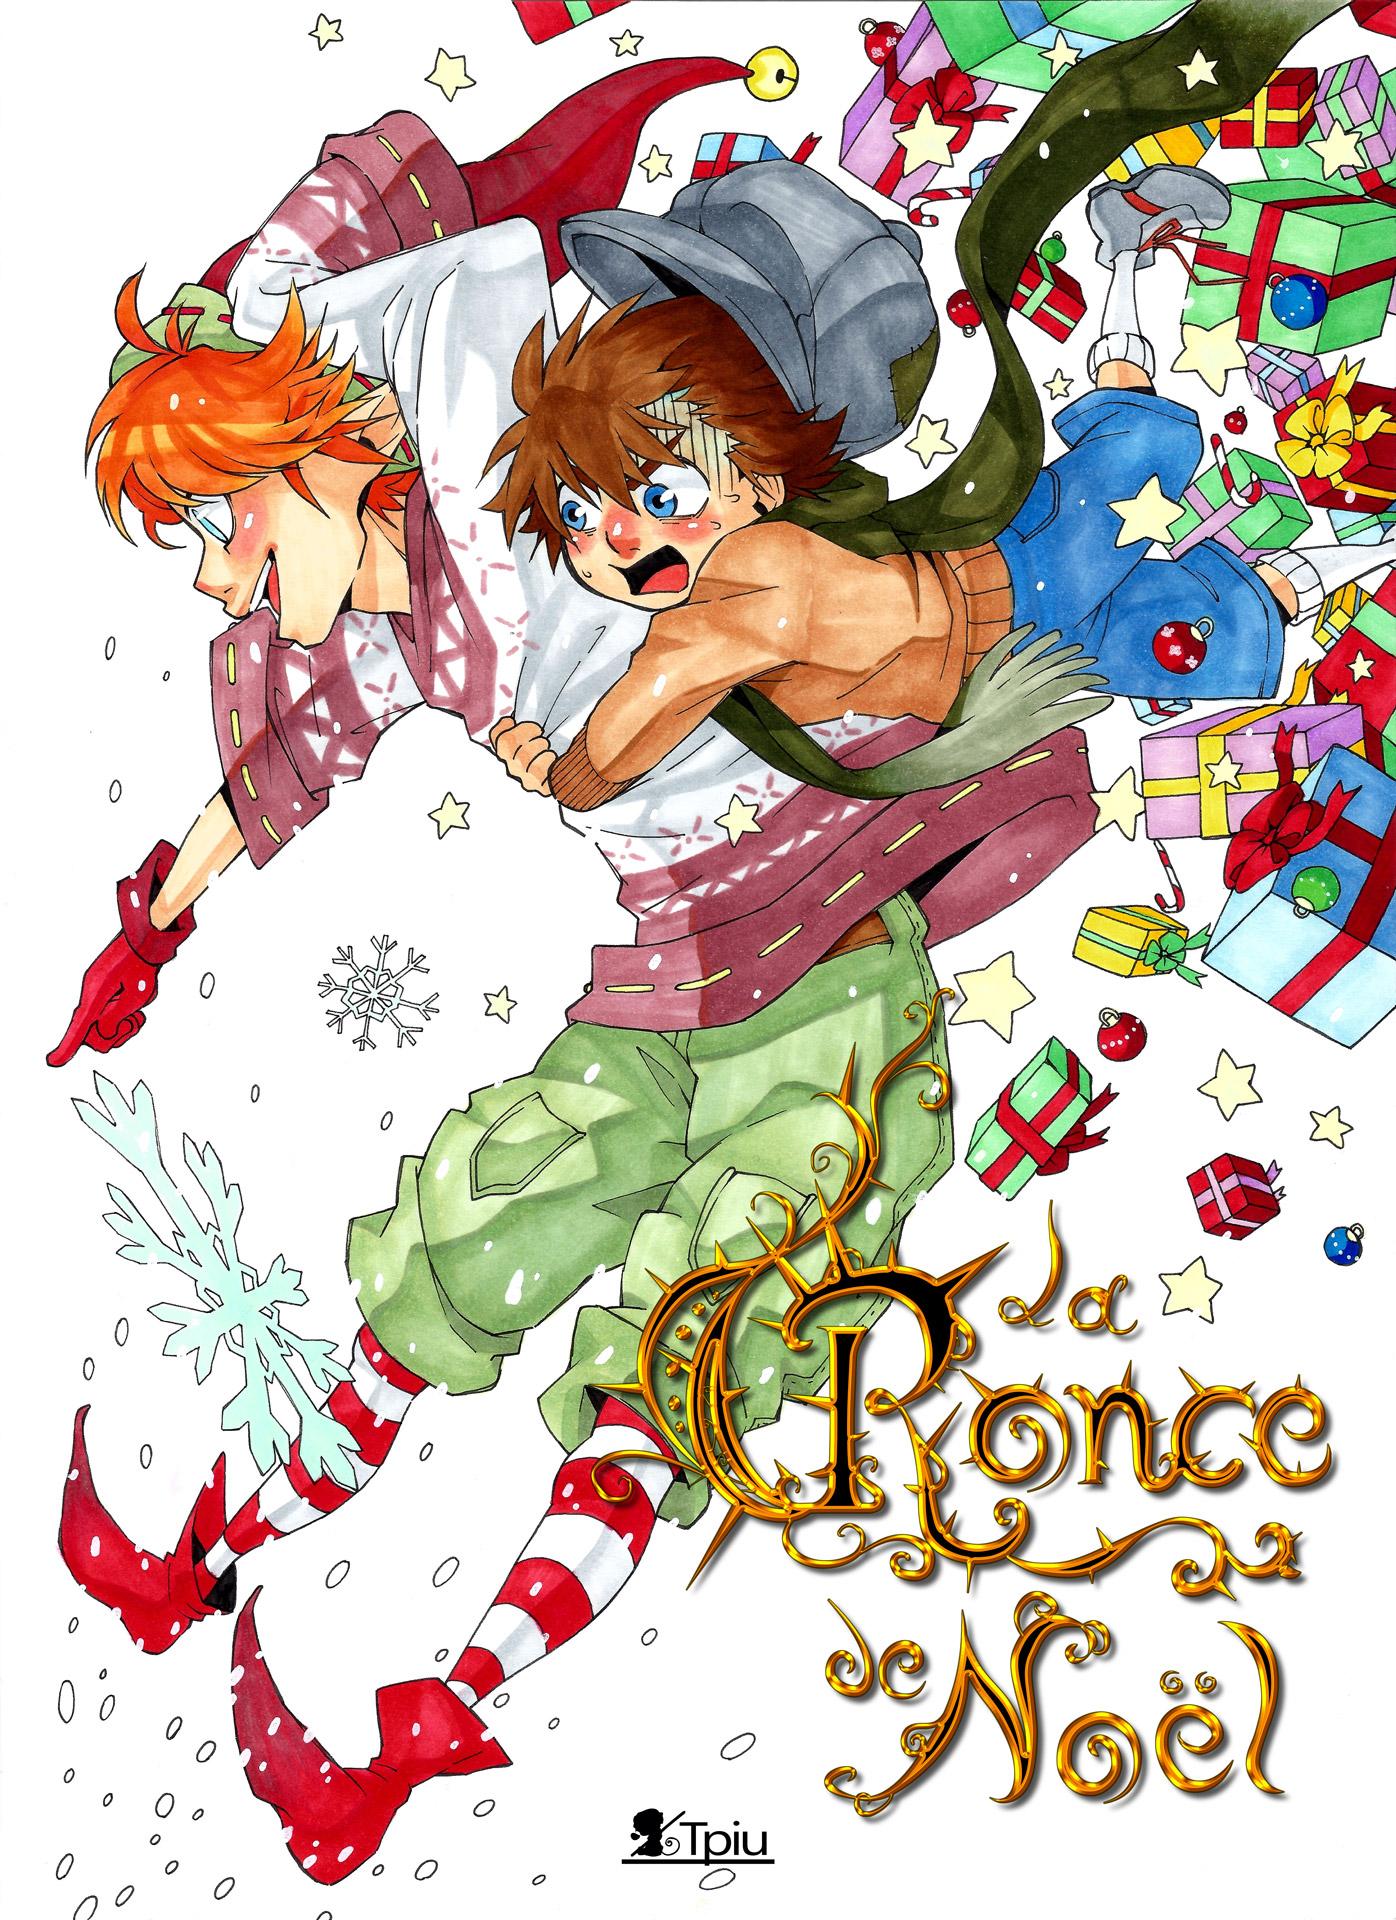 Tpiu/La Ronce de Noël